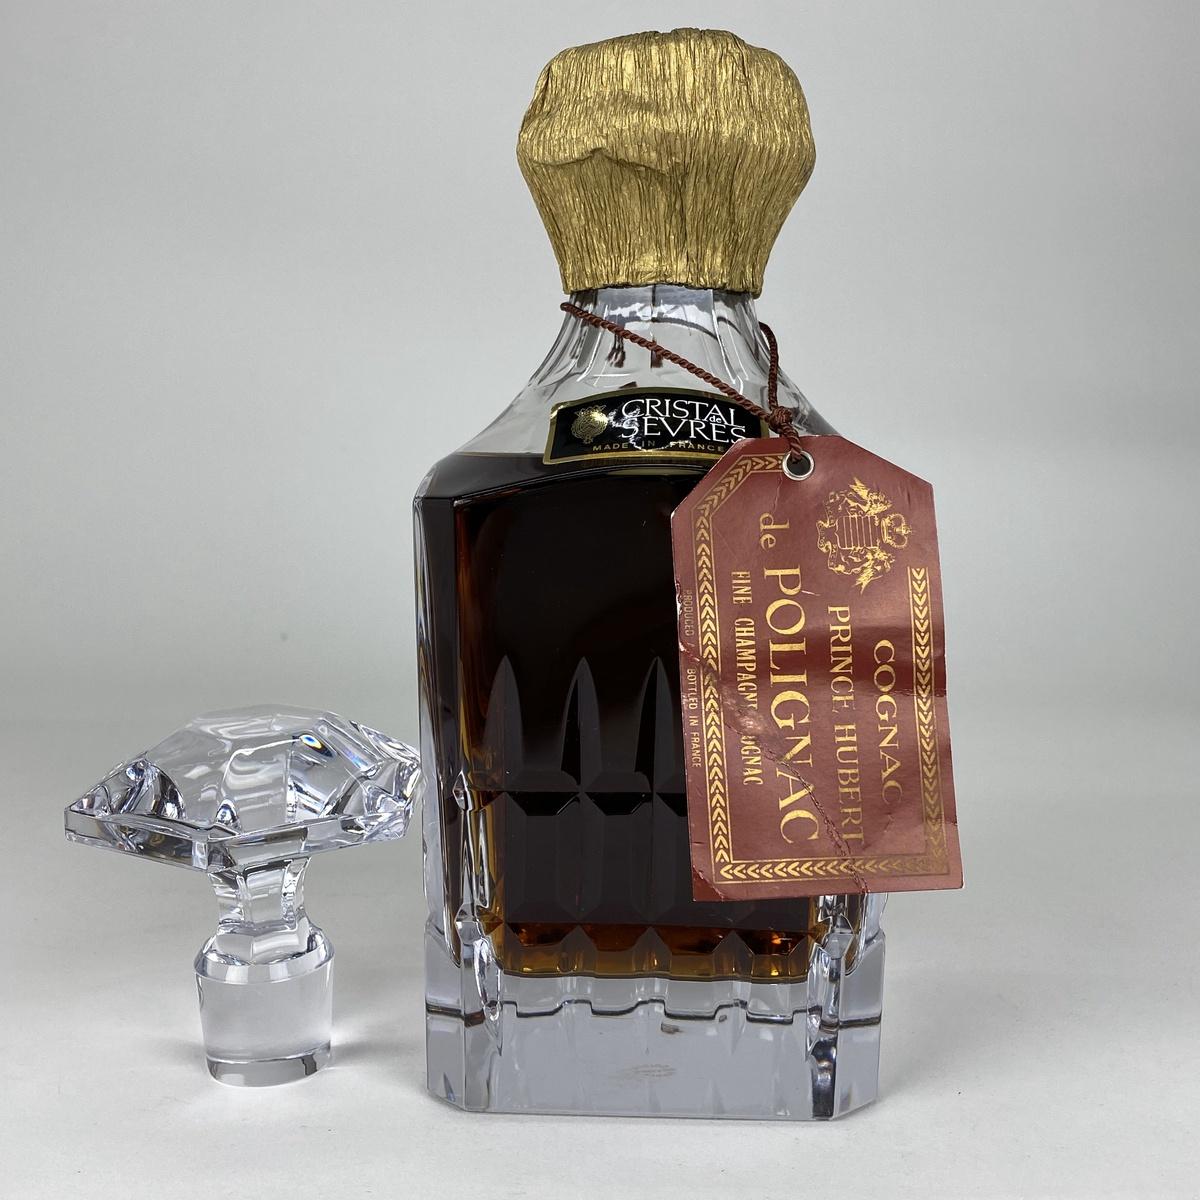 セーブルクリスタル 700ml ブランデー コニャック 【古酒】